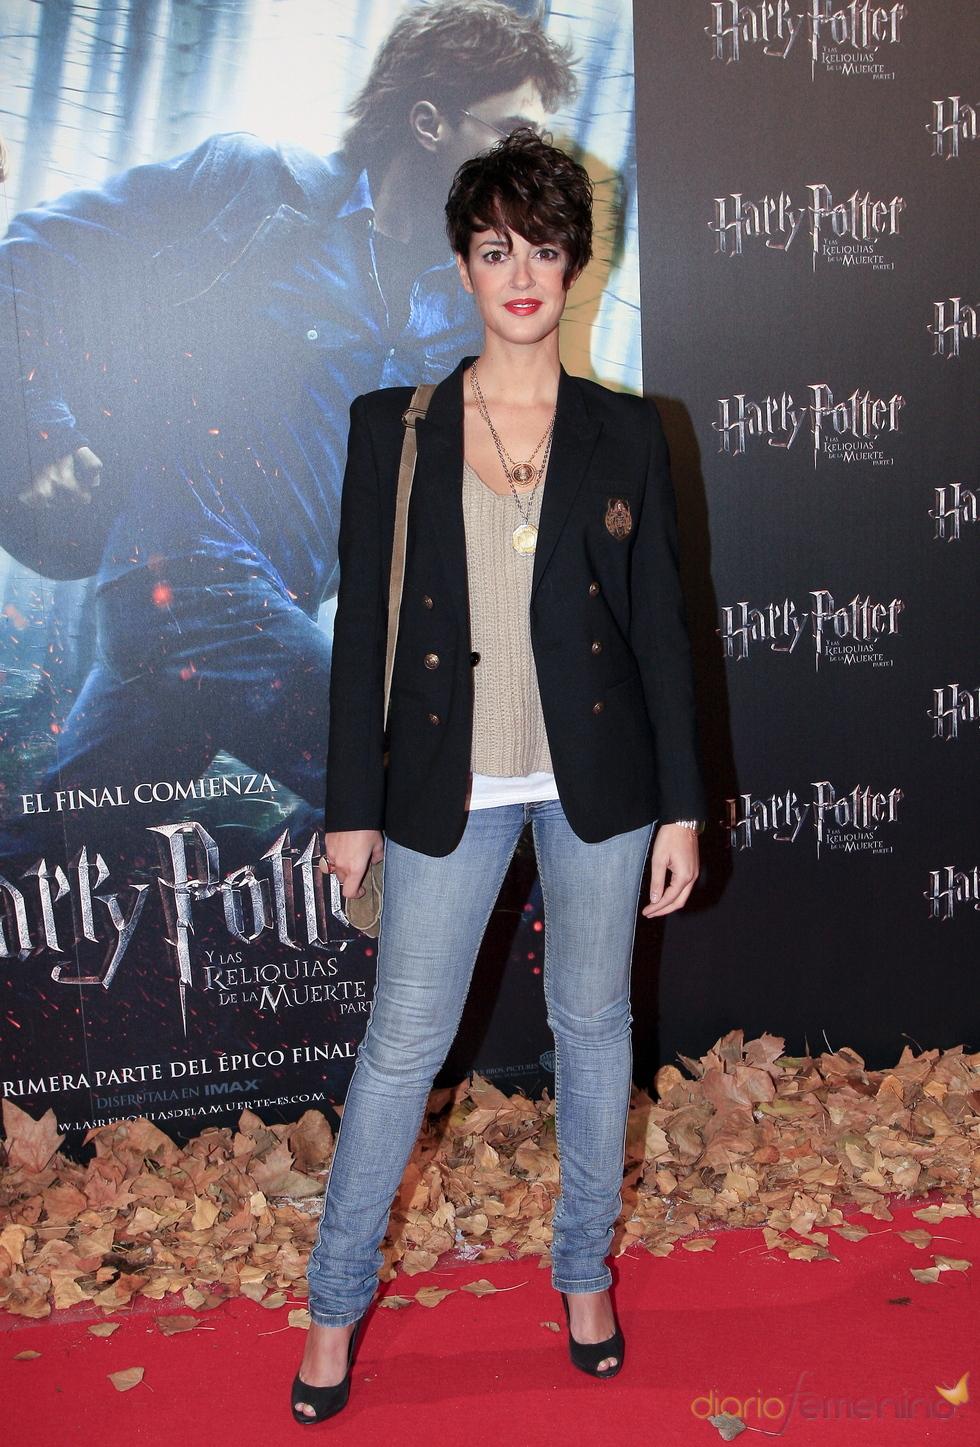 Vega en el estreno de 'Harry Potter y las reliquias de la muerte'